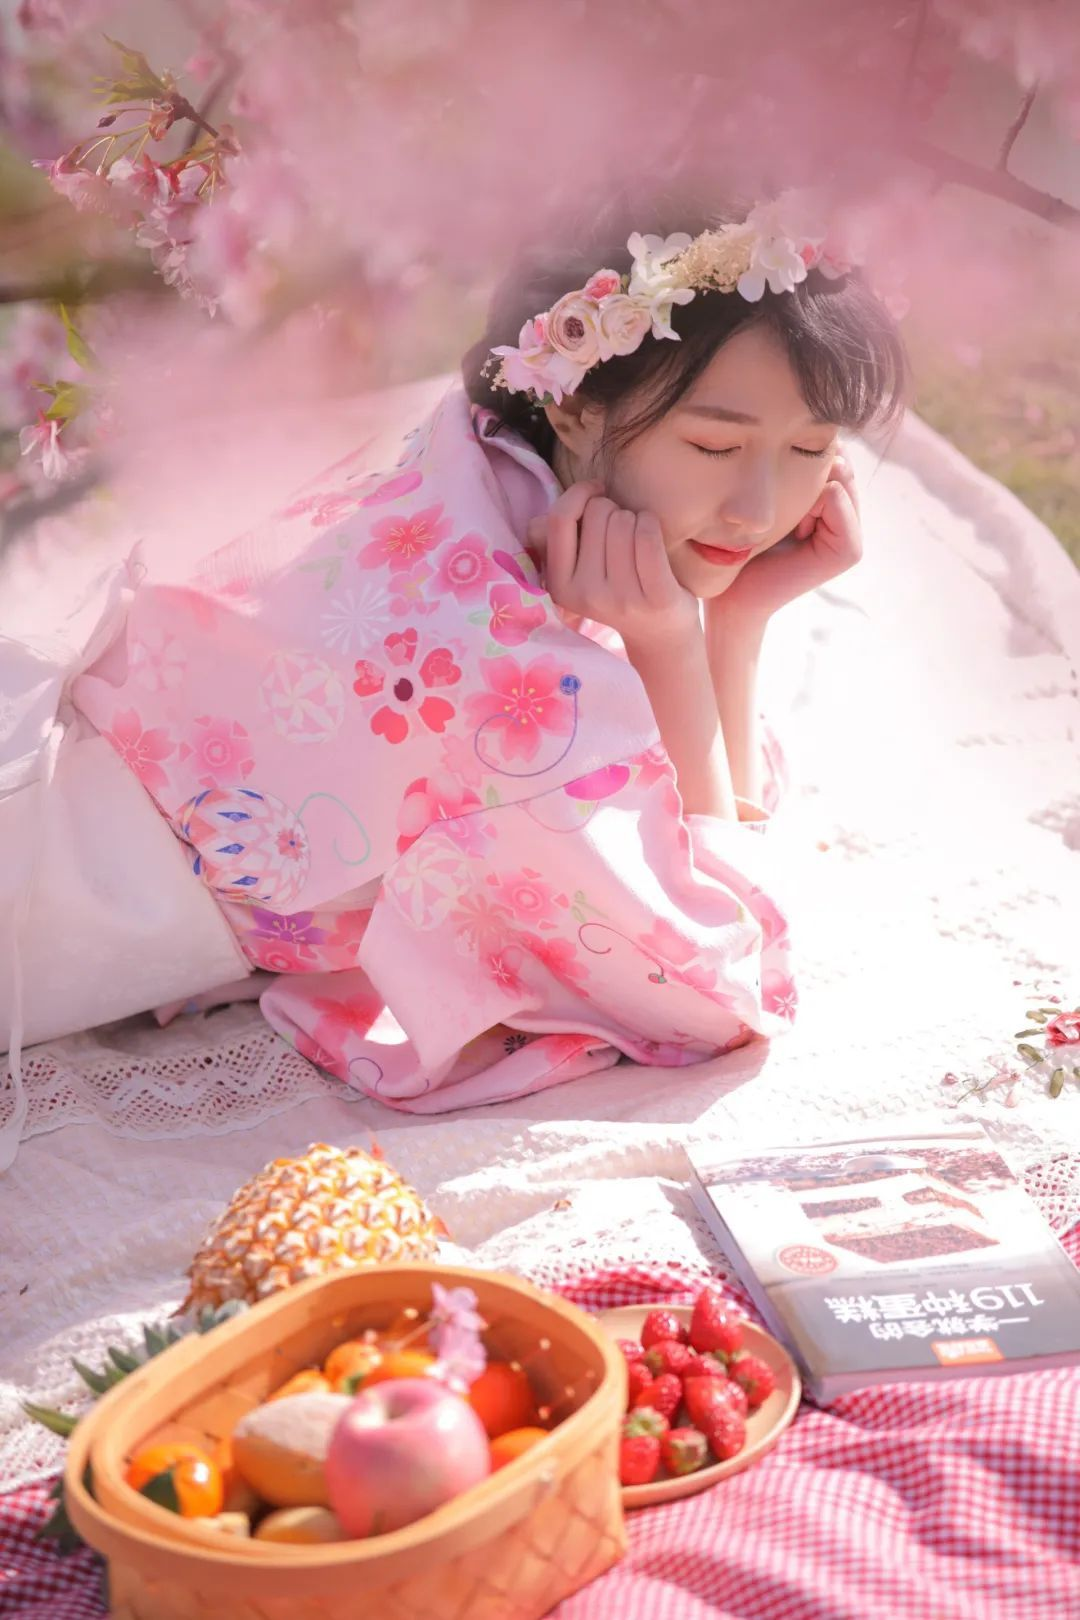 妹子摄影 – 粉粉的日系少女樱花树下写真_图片 No.28